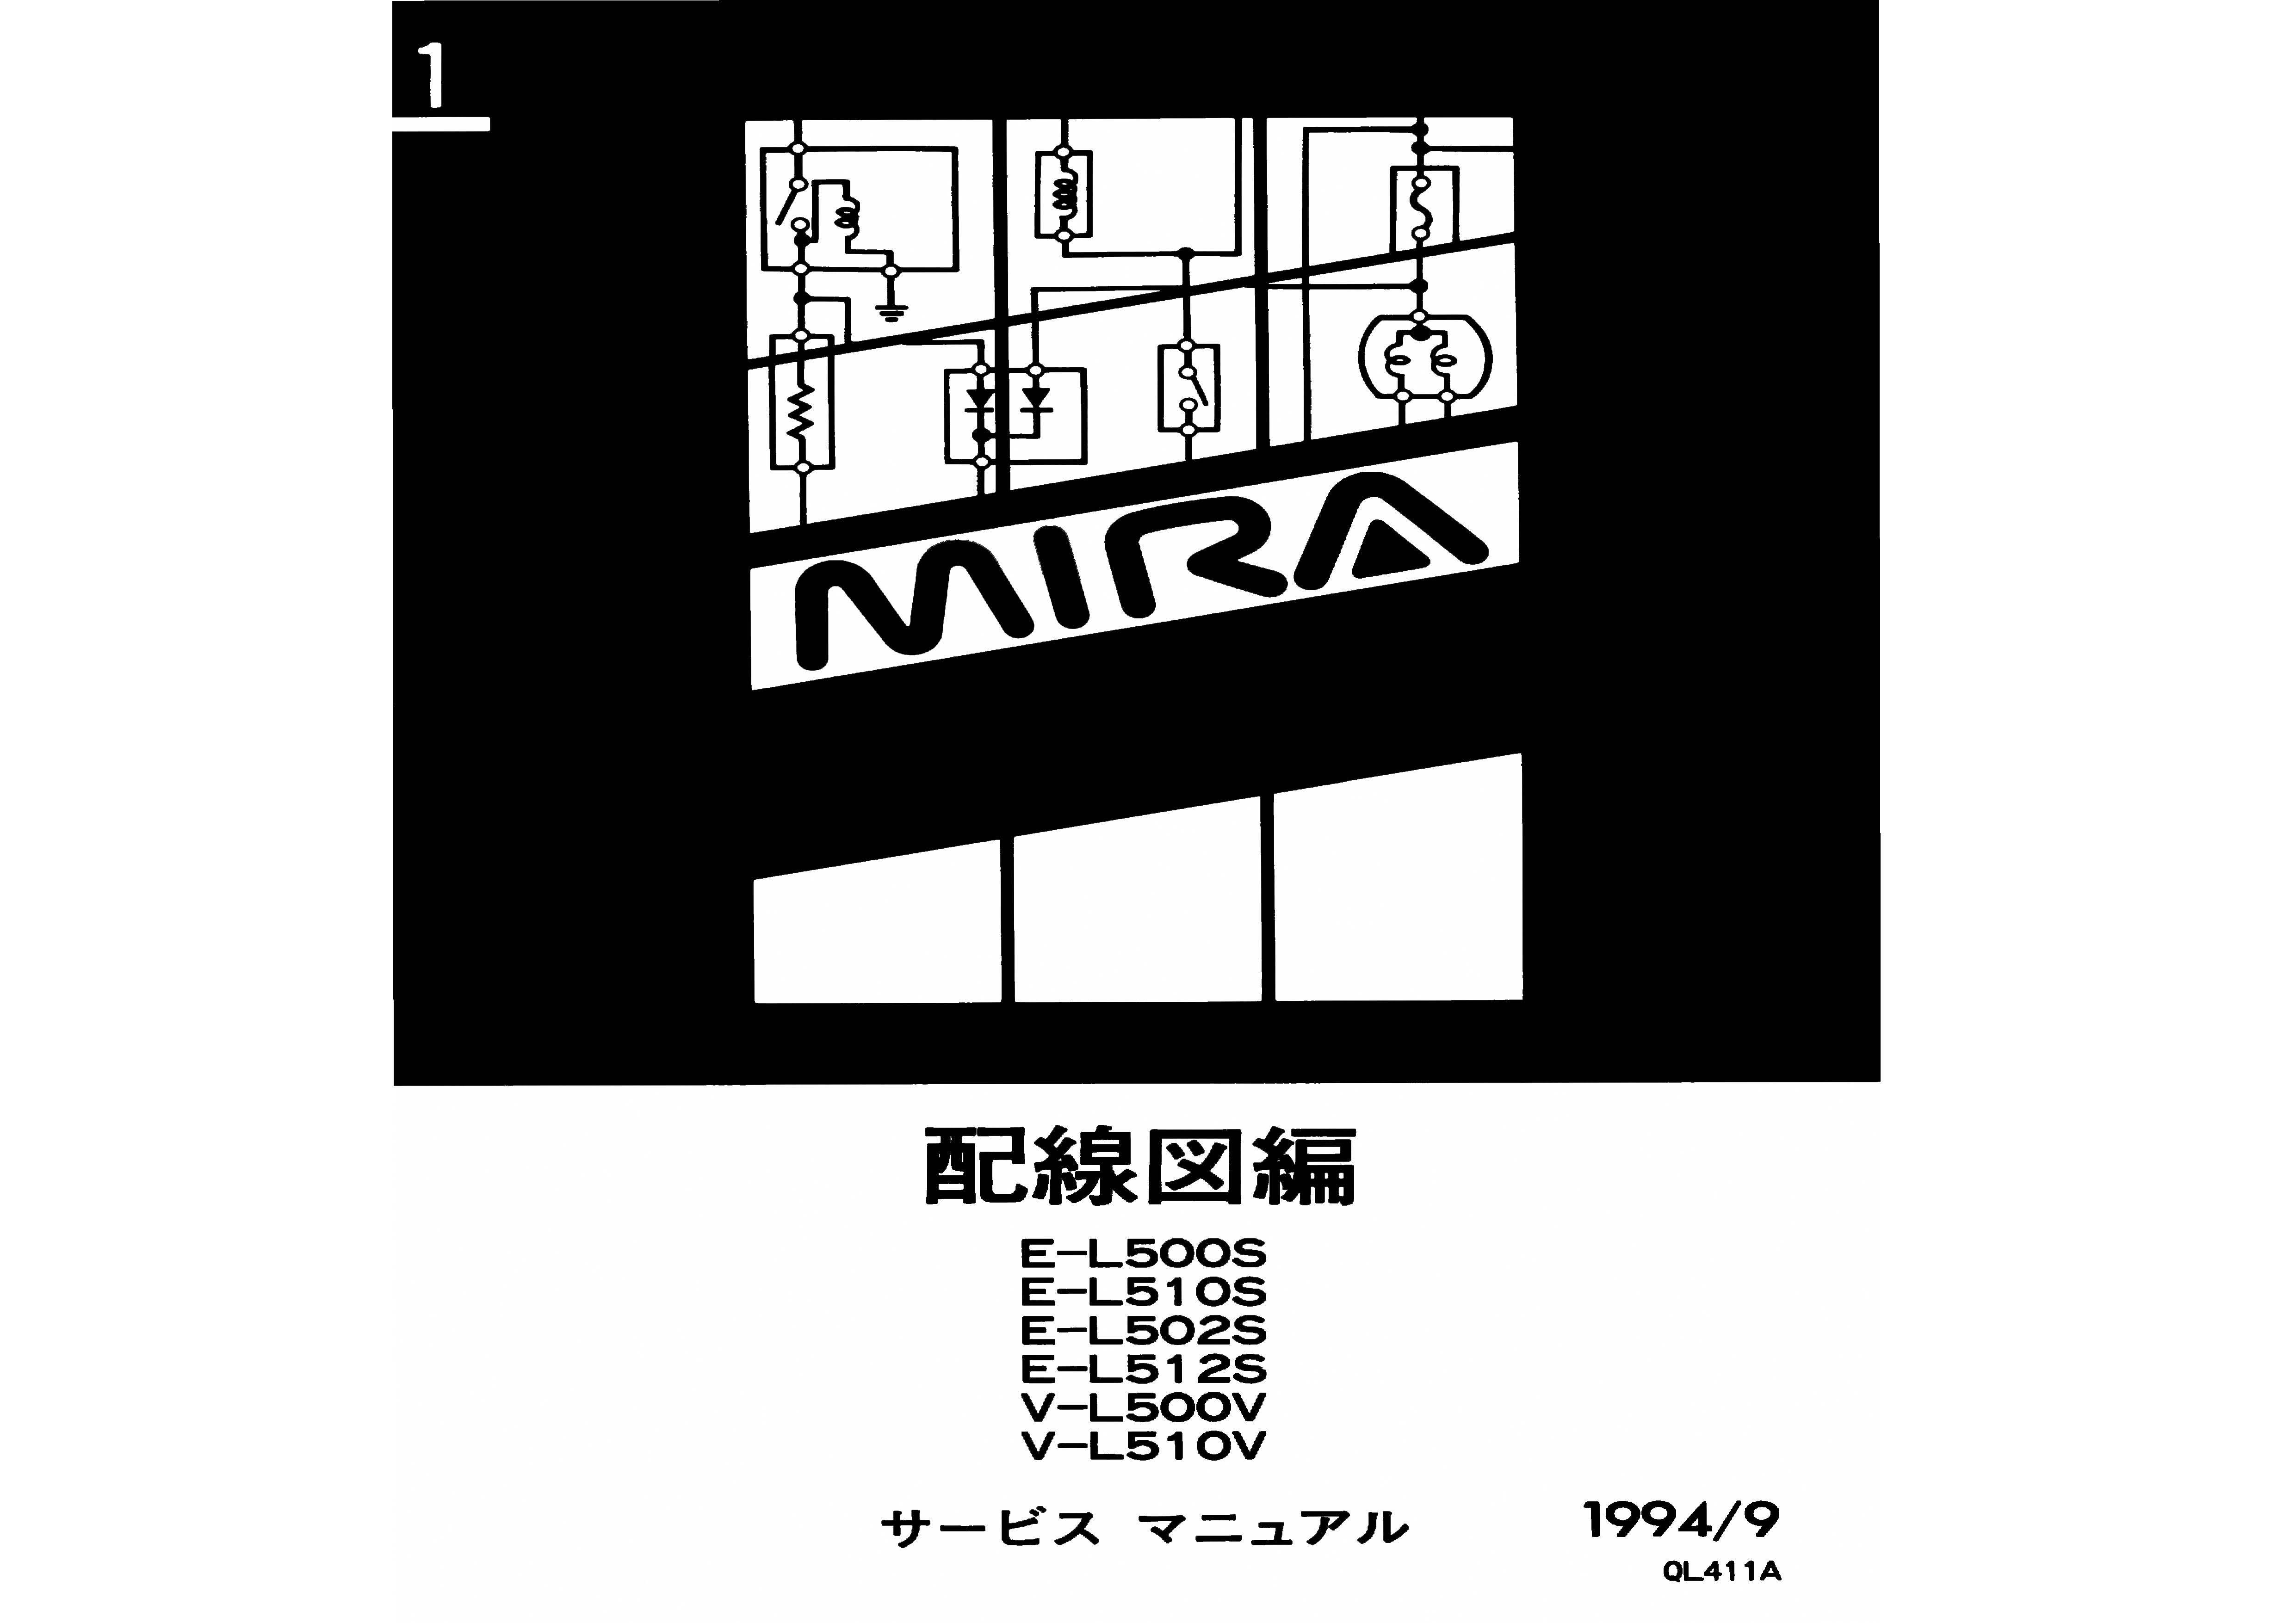 daihatsu yrv fuse box everything you need to know about wiring rh newsnanalysis co  daihatsu terios 2007 fuse box diagram